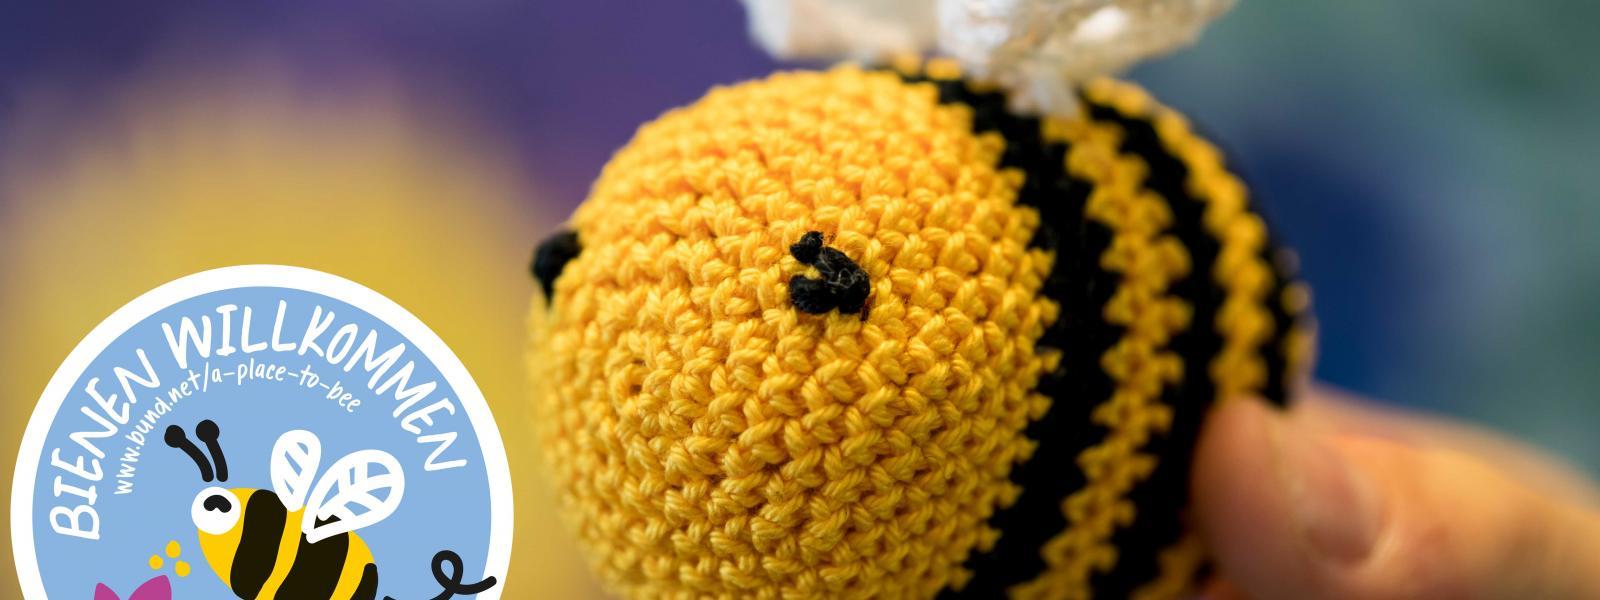 Jetzt Bestäuber schützen und BUND-Aktion mit DIY-Biene unterstützen!